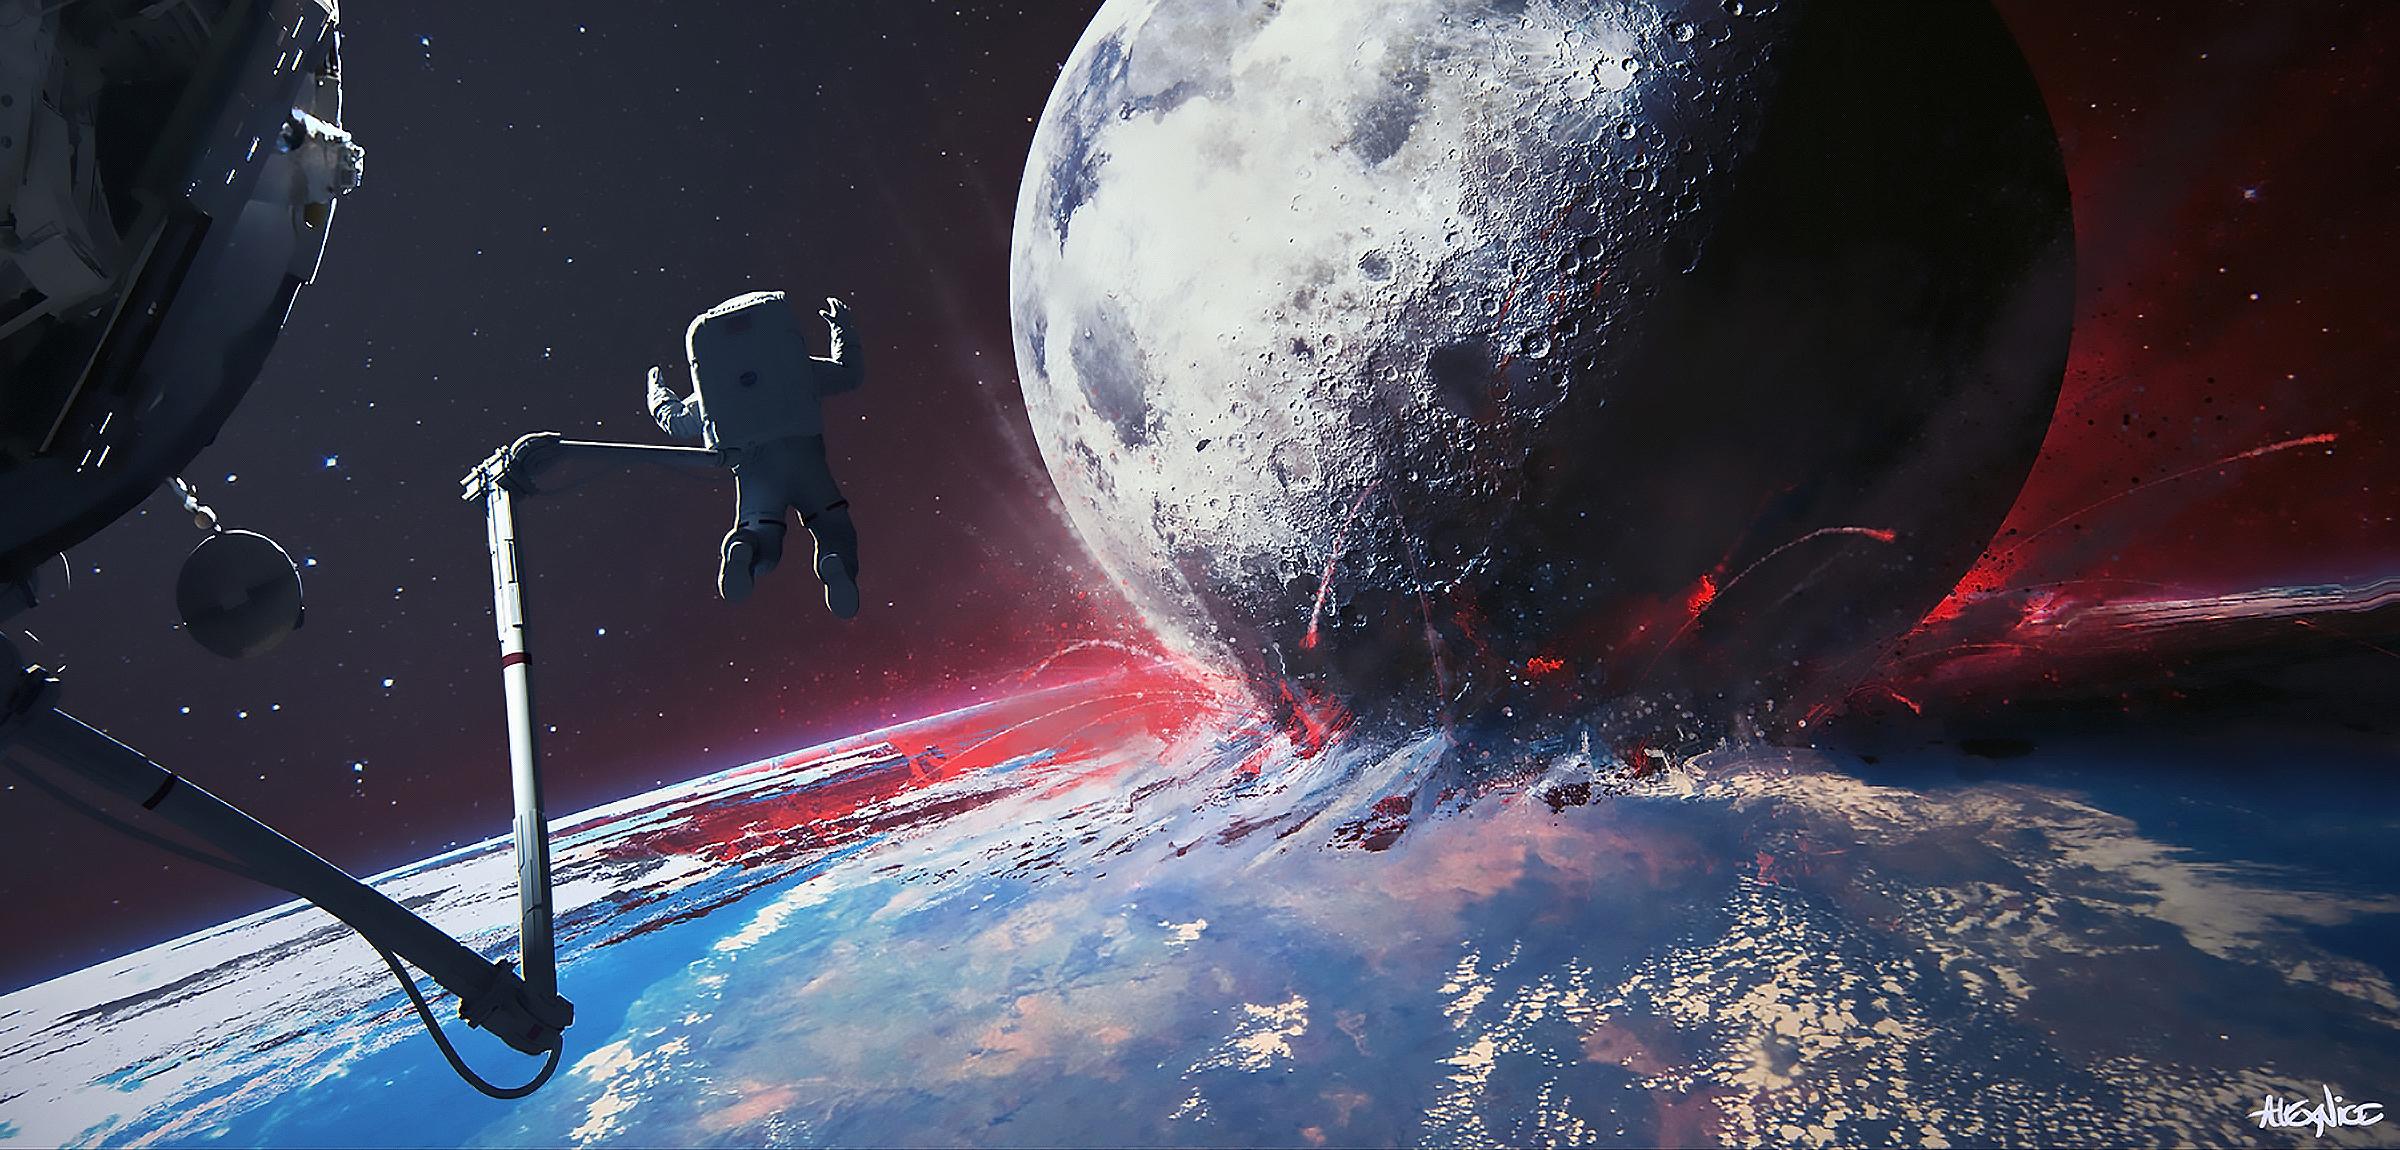 Astronaut Collision Earth Galaxy Moon Stars 2400x1150